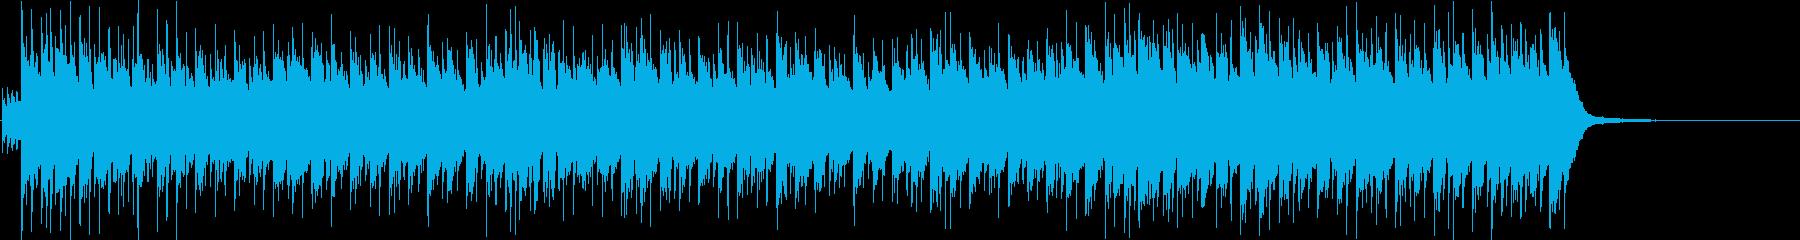 シンキングタイム!!の再生済みの波形